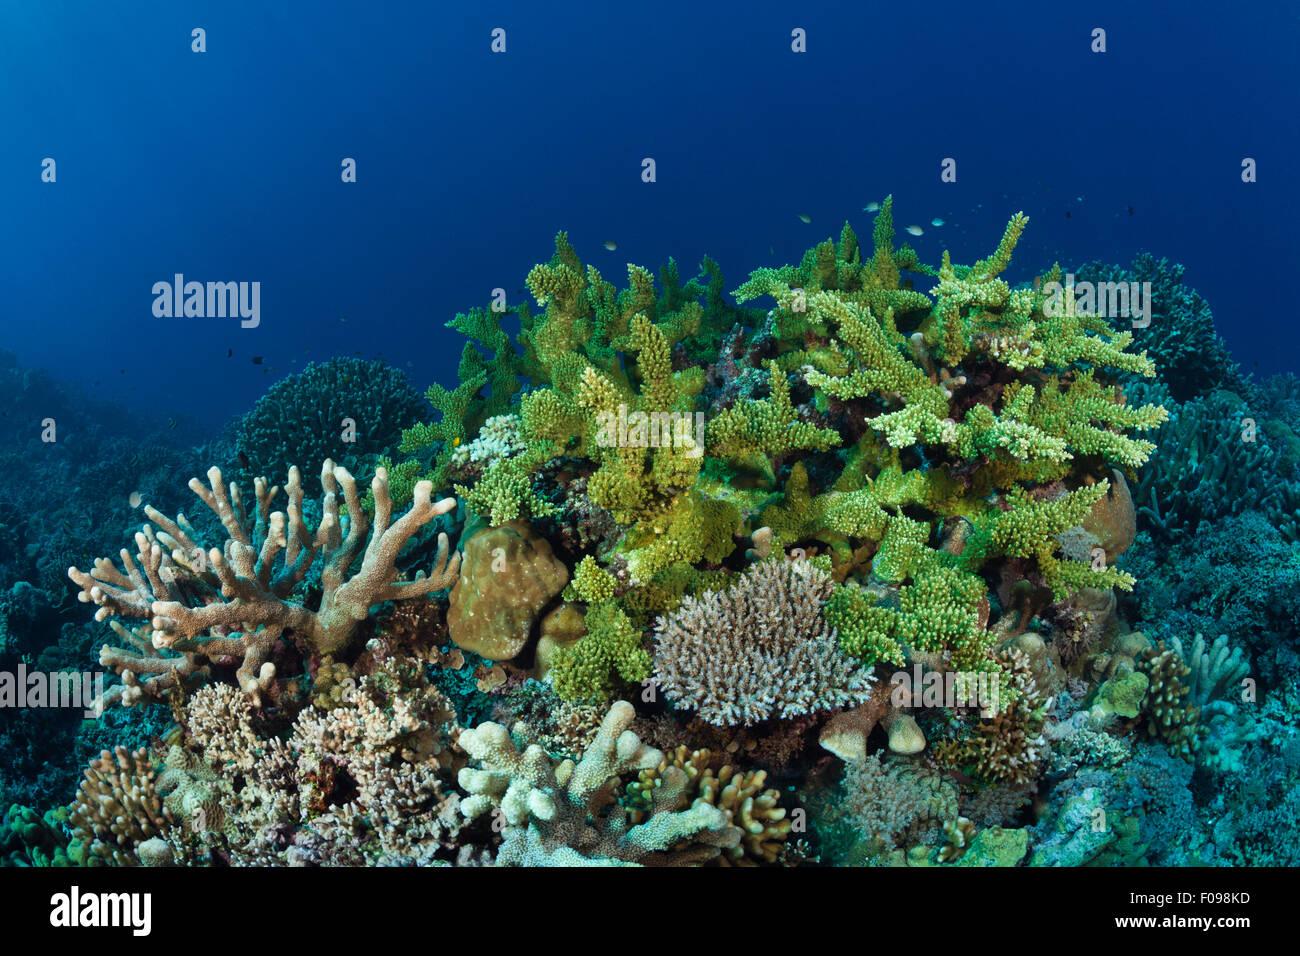 Arrecifes de Coral duro, Laguna Marovo, Islas Salomón Imagen De Stock